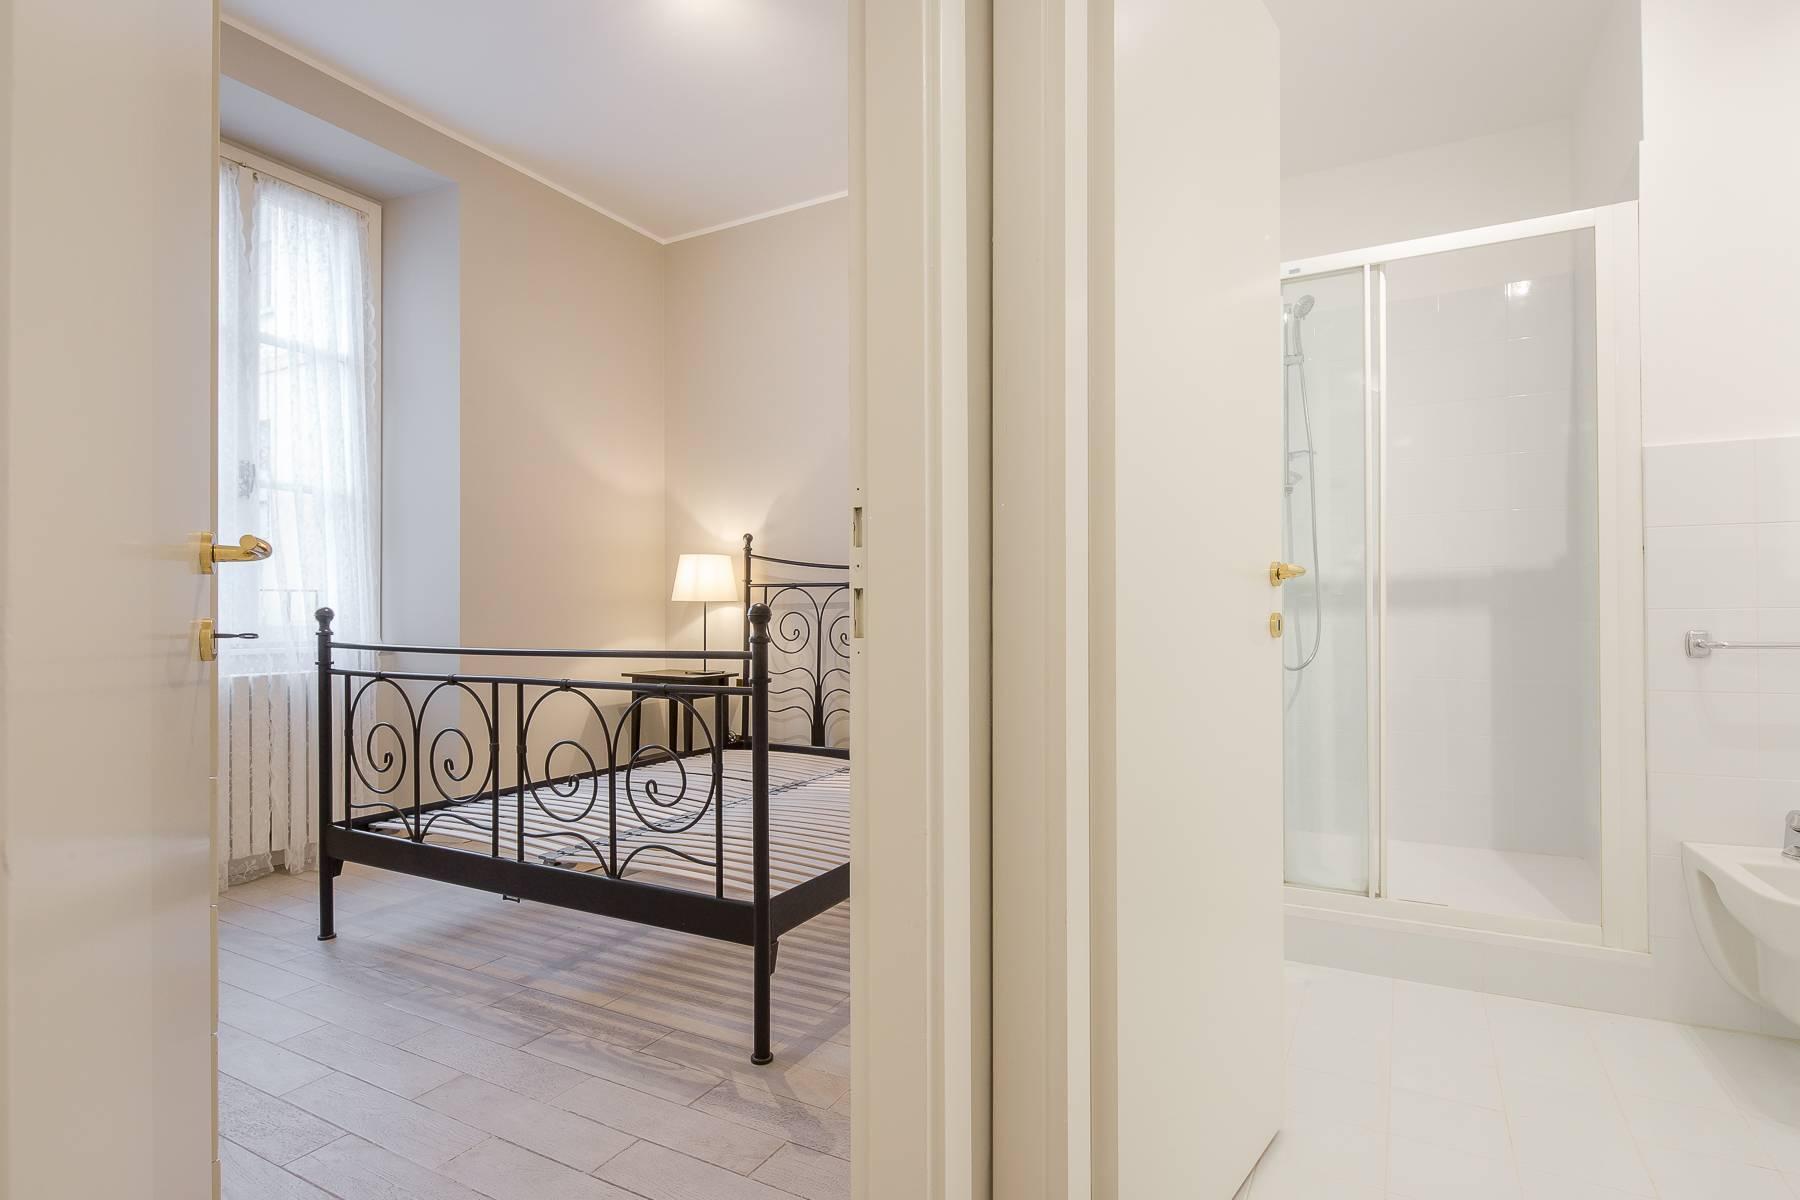 Bilocale di charme arredato in affitto in Brera - 11